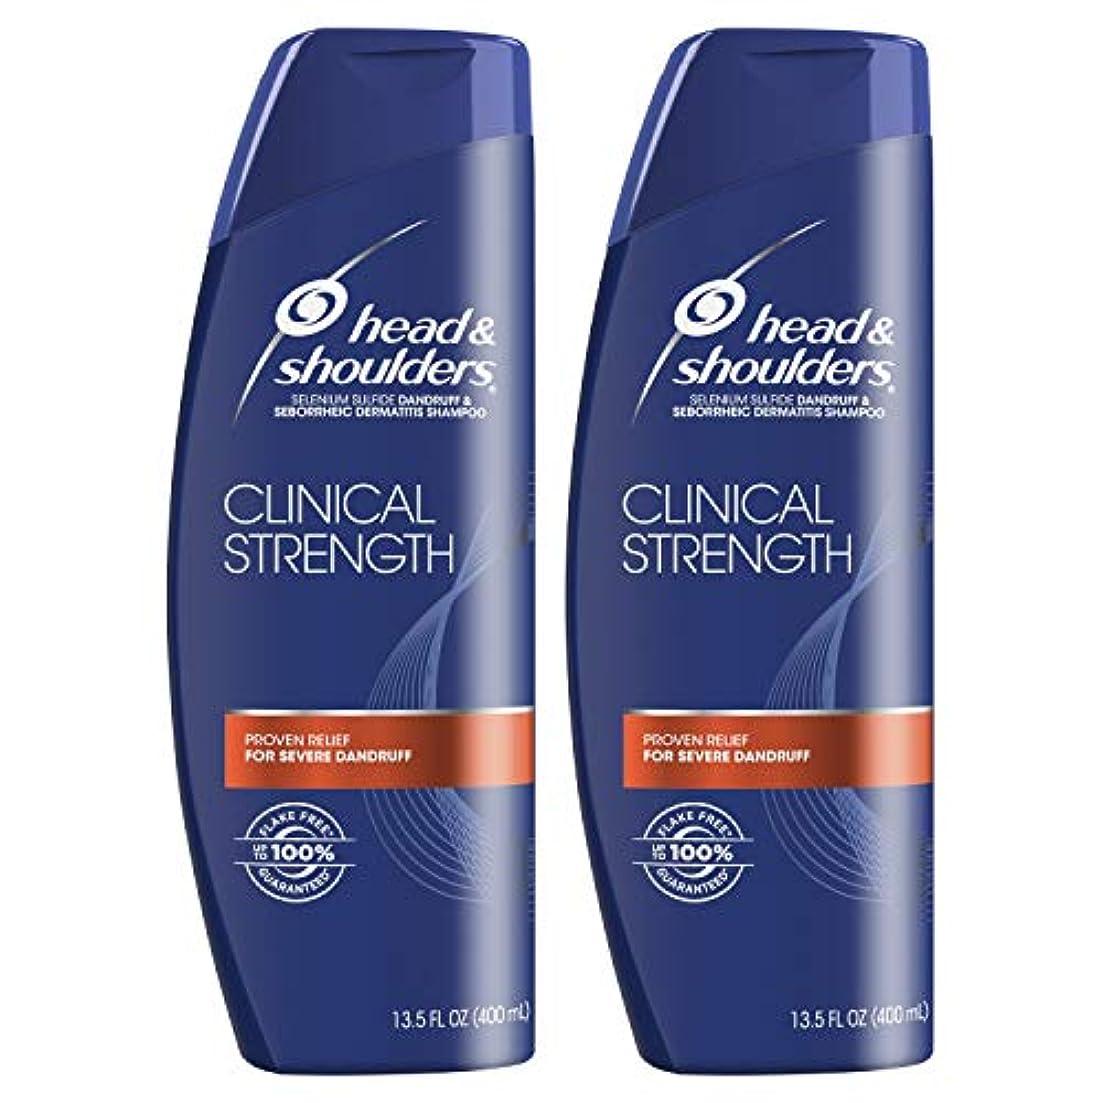 識別するハウス接続されたHead and Shoulders Clinical Strength Dandruff and Seborrheic Dermatitisシャンプー、13.5 FL OZ